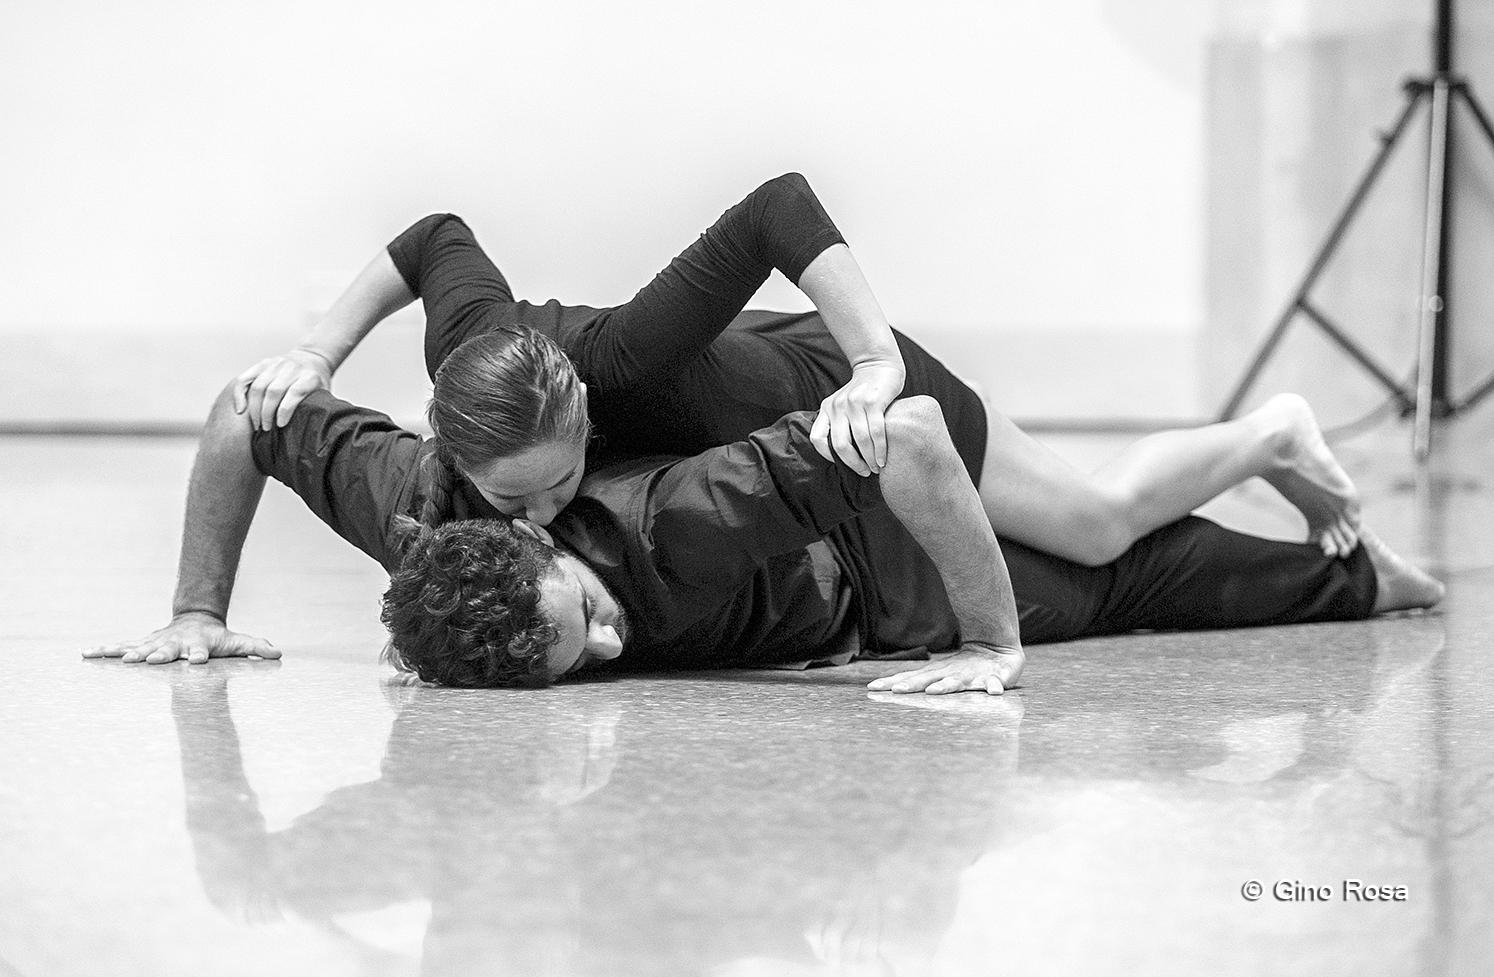 https://www.danzaurbana.eu/associazione/wp-content/uploads/2018/05/Masdanza_Mertzani_2013.jpg